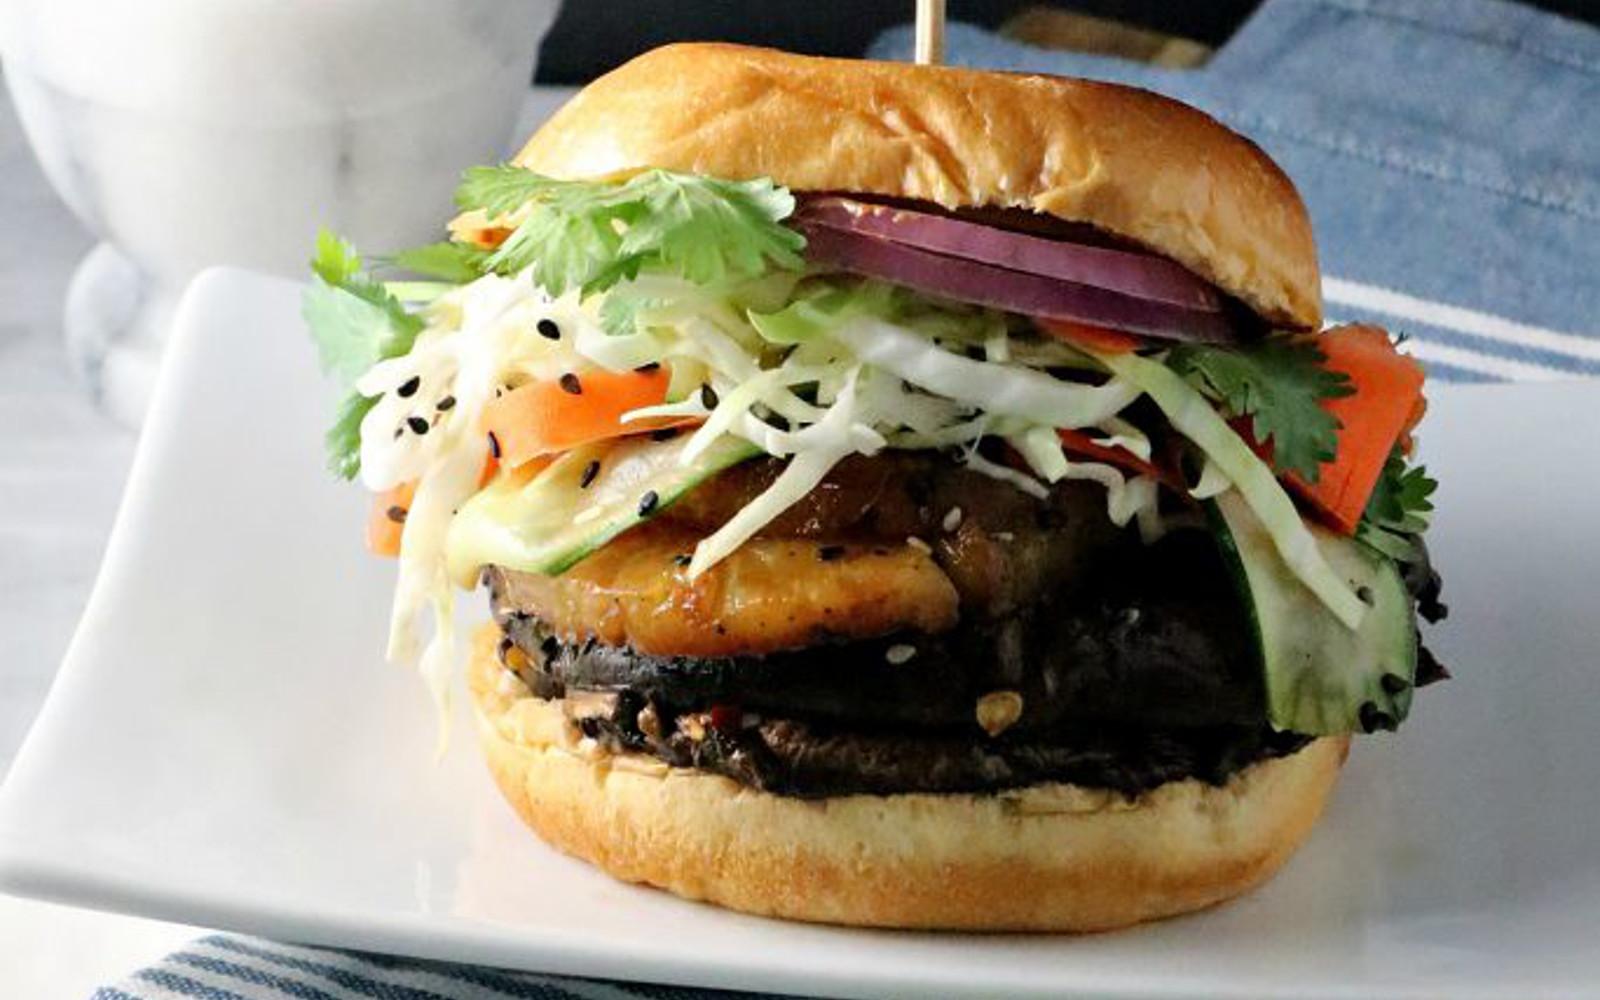 Vegan Pineapple Teriyaki Portobello Burger